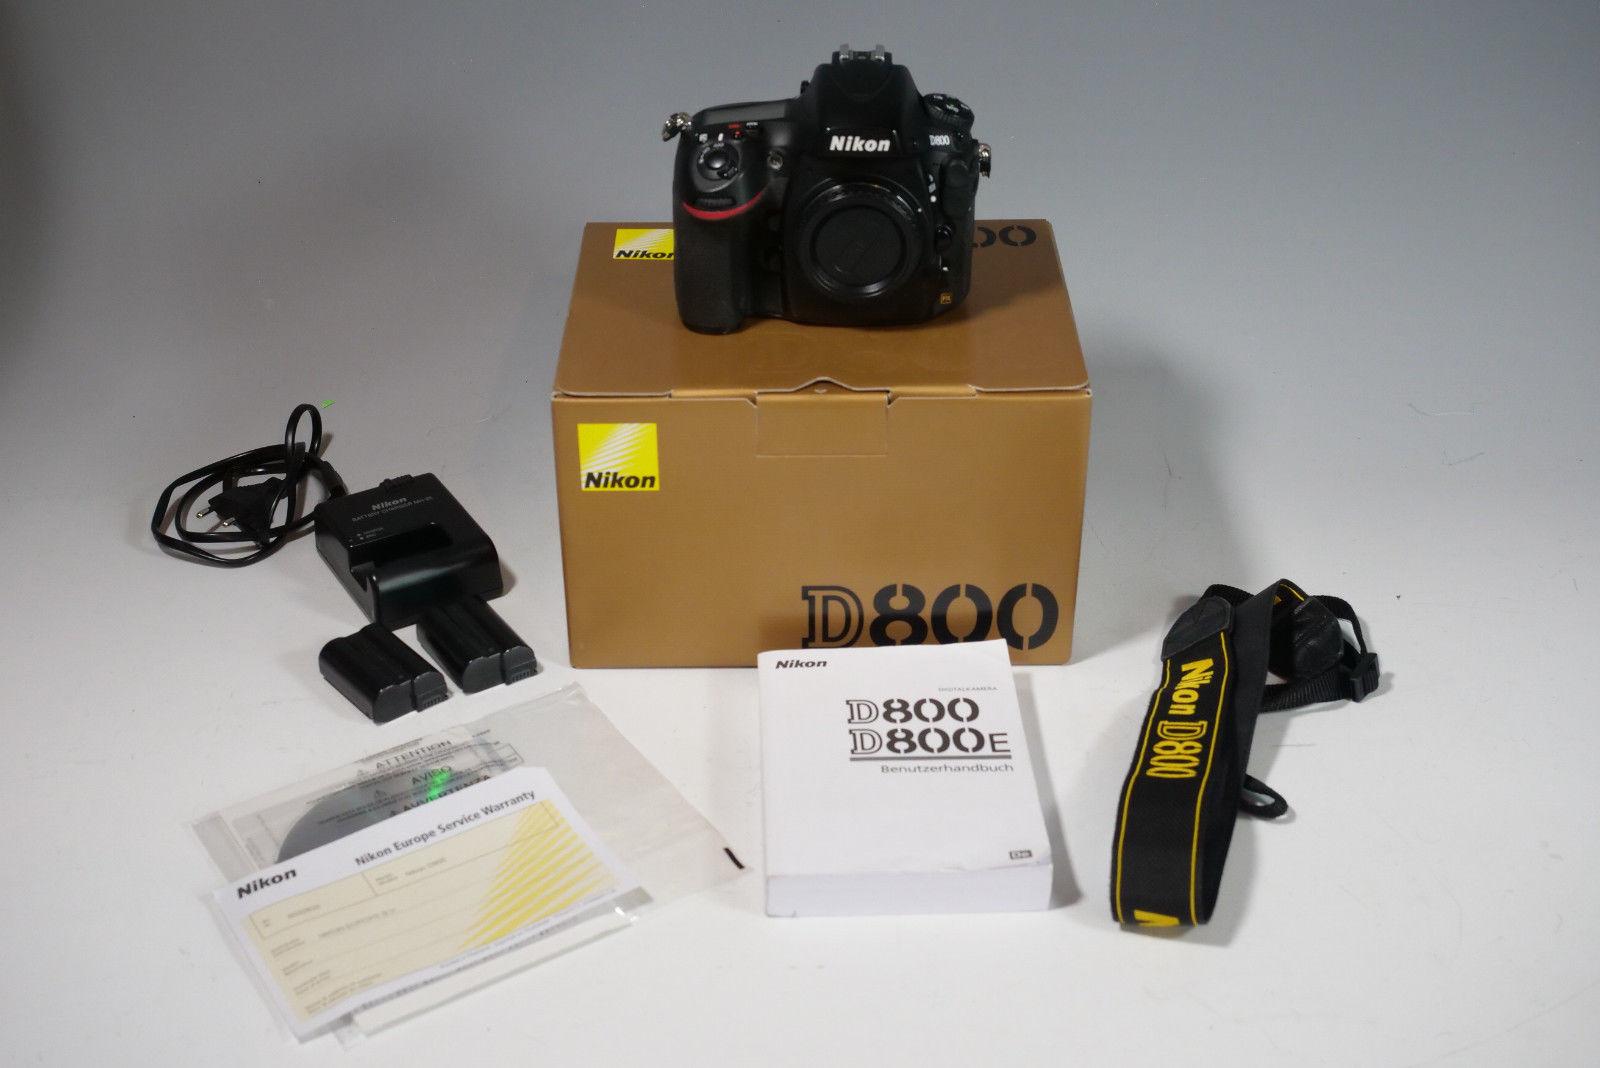 Nikon D800 DSLR-Kamera (36 Megapixel, 8 cm (3,2 Zoll) Monitor, LiveView,HD Video